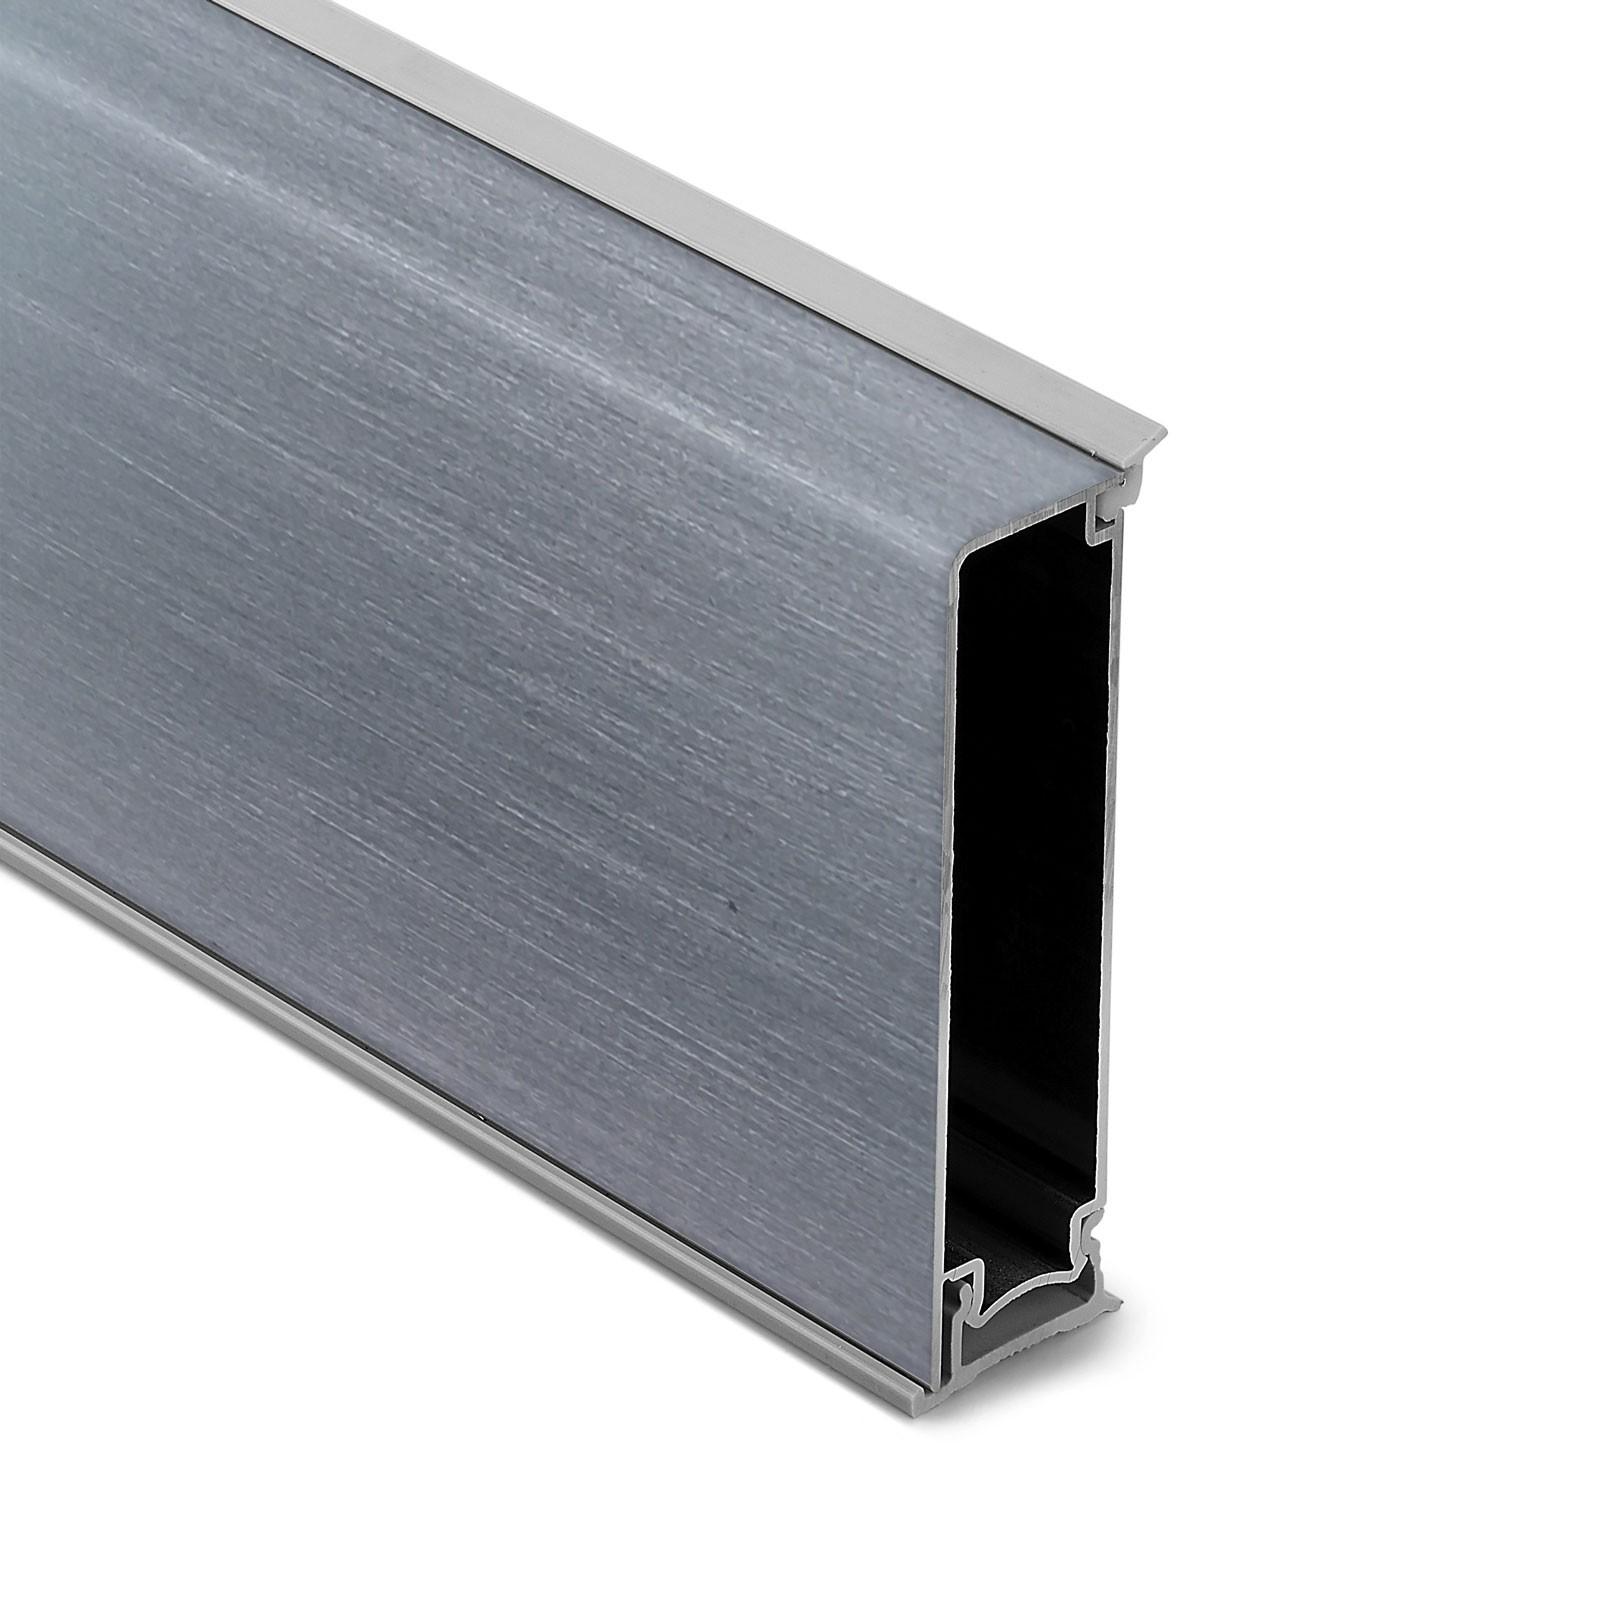 Alzatina Alluminio Per Cucina alzatina cucina in alluminio h. 2.9 cm su misura - shop